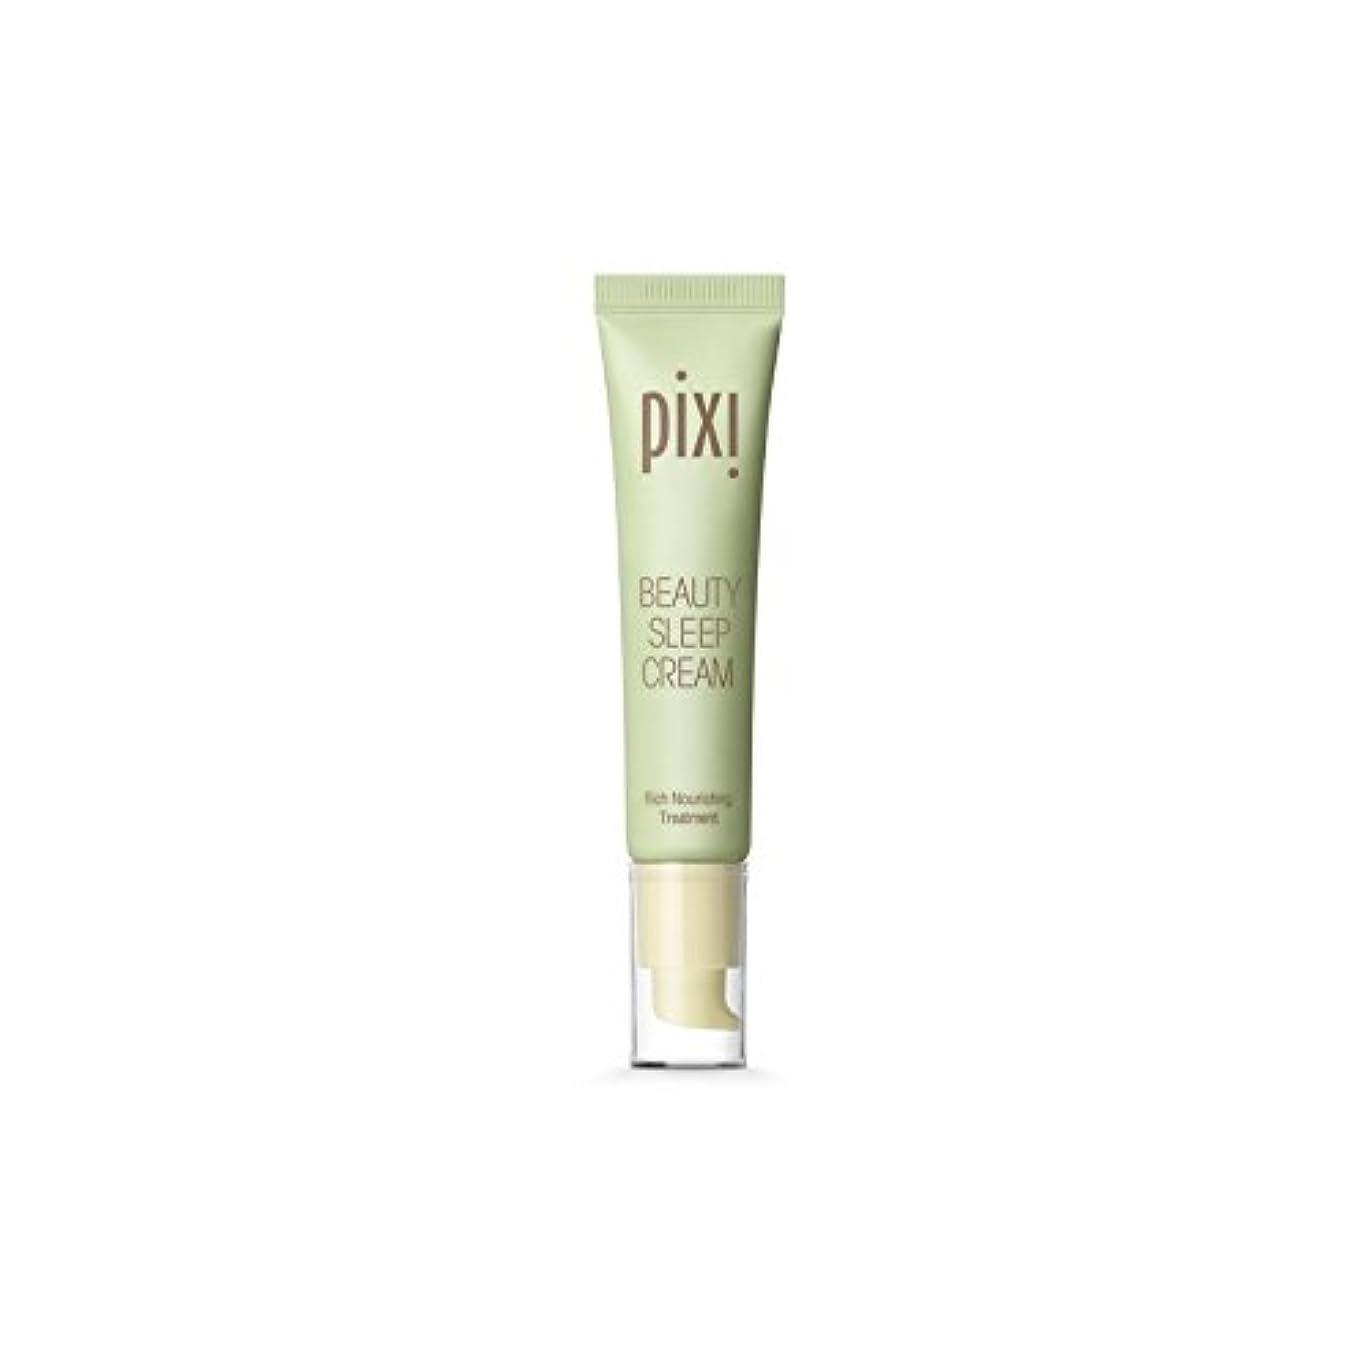 規範試験スチュアート島美しさの睡眠クリーム x4 - Pixi Beauty Sleep Cream (Pack of 4) [並行輸入品]